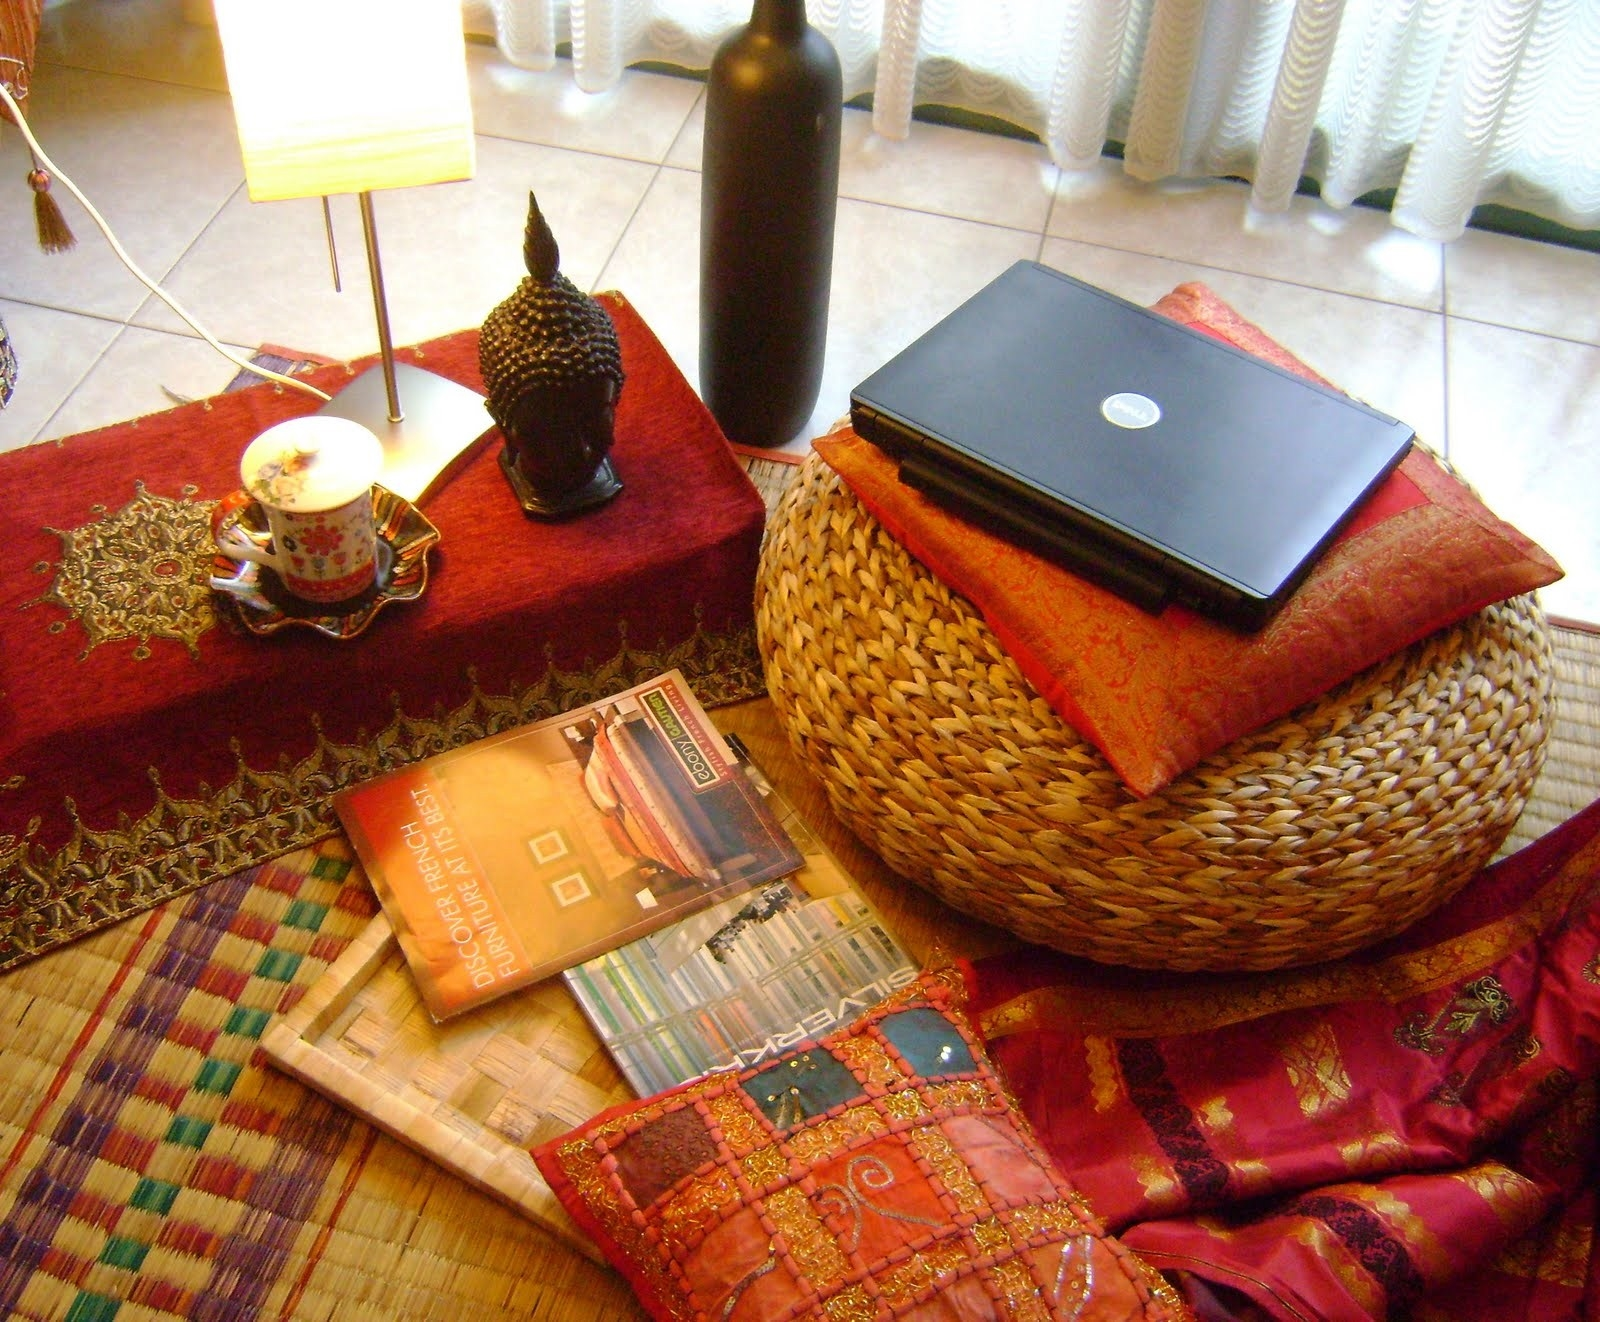 ... dello stile etnico - Arredare la casa - Stile etnico per la casa